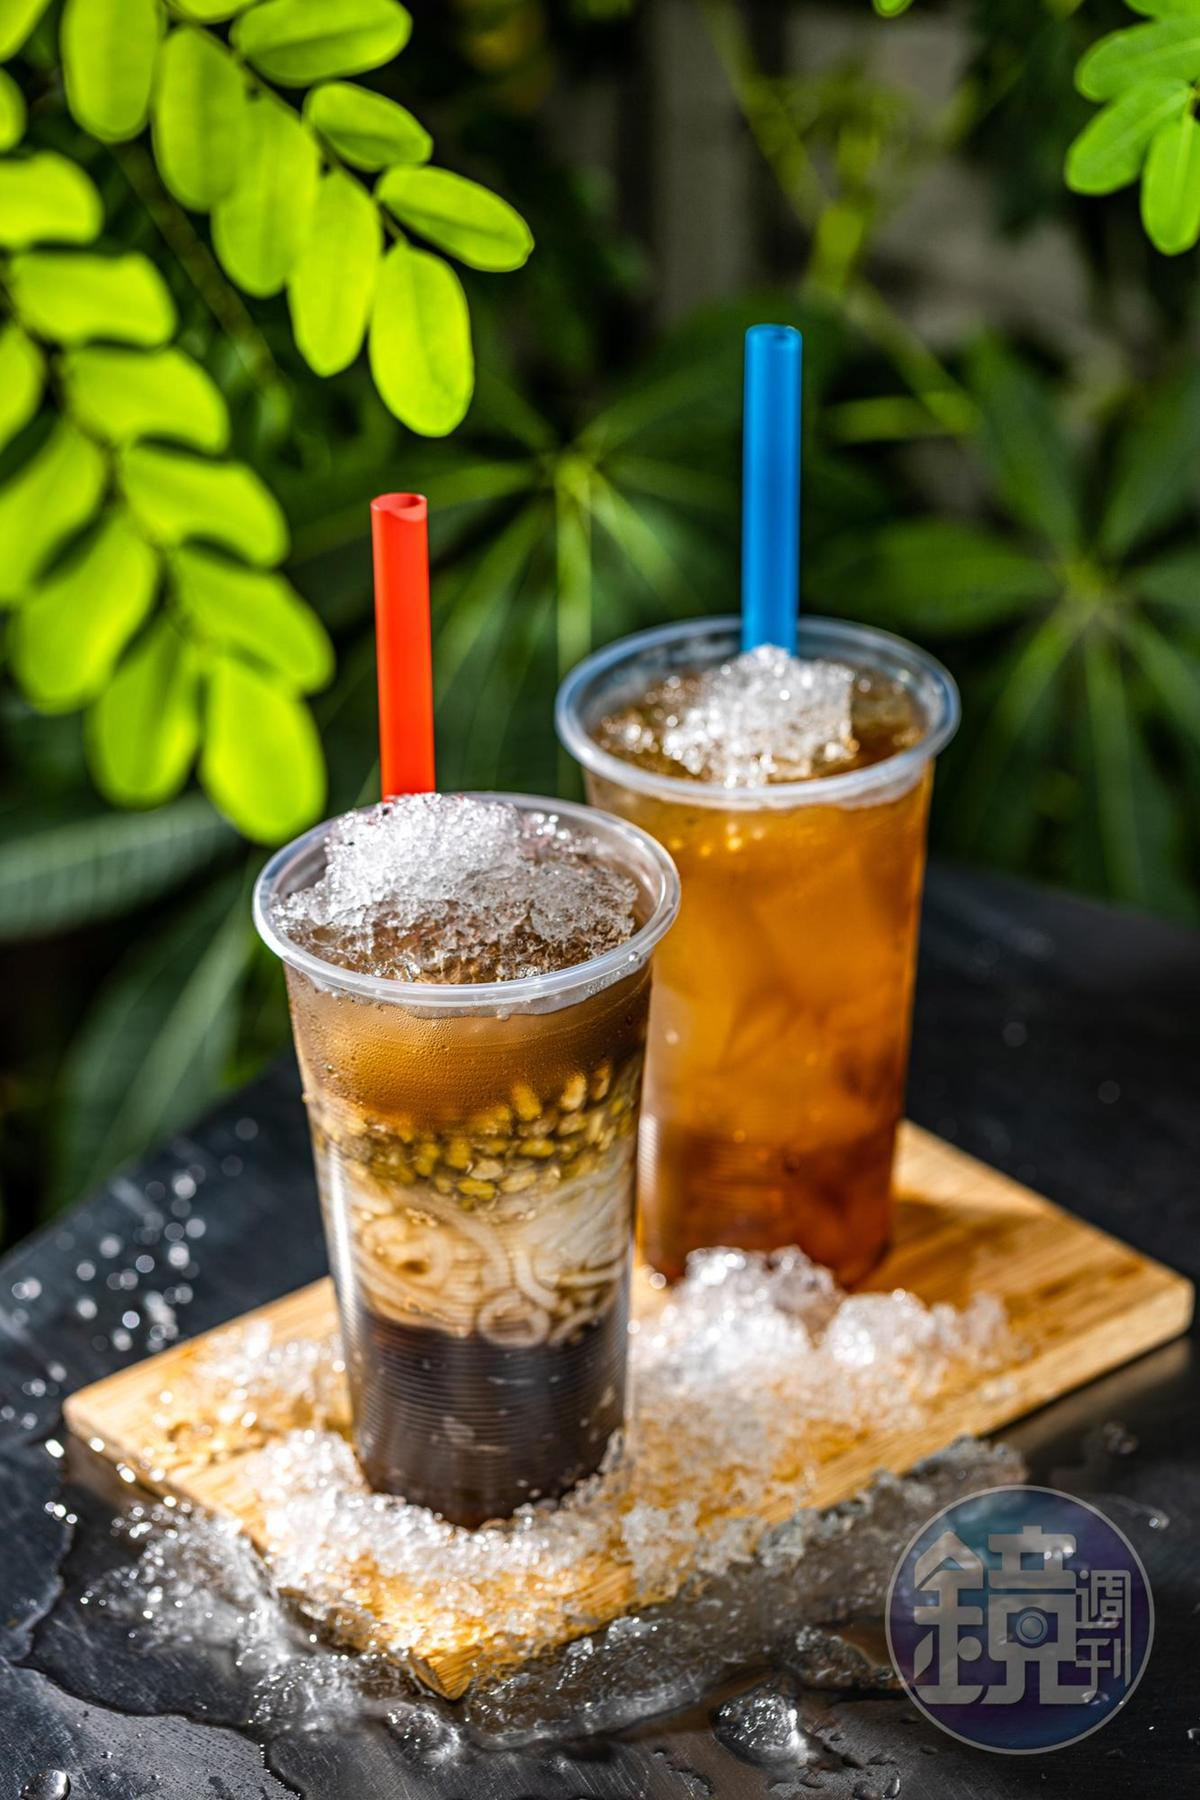 冰品皆可做成用吸管喝的外帶杯,「綠豆粉條仙草」(左)嚼感豐富,「檸檬愛玉」(右)清爽止渴。(皆40元/杯)